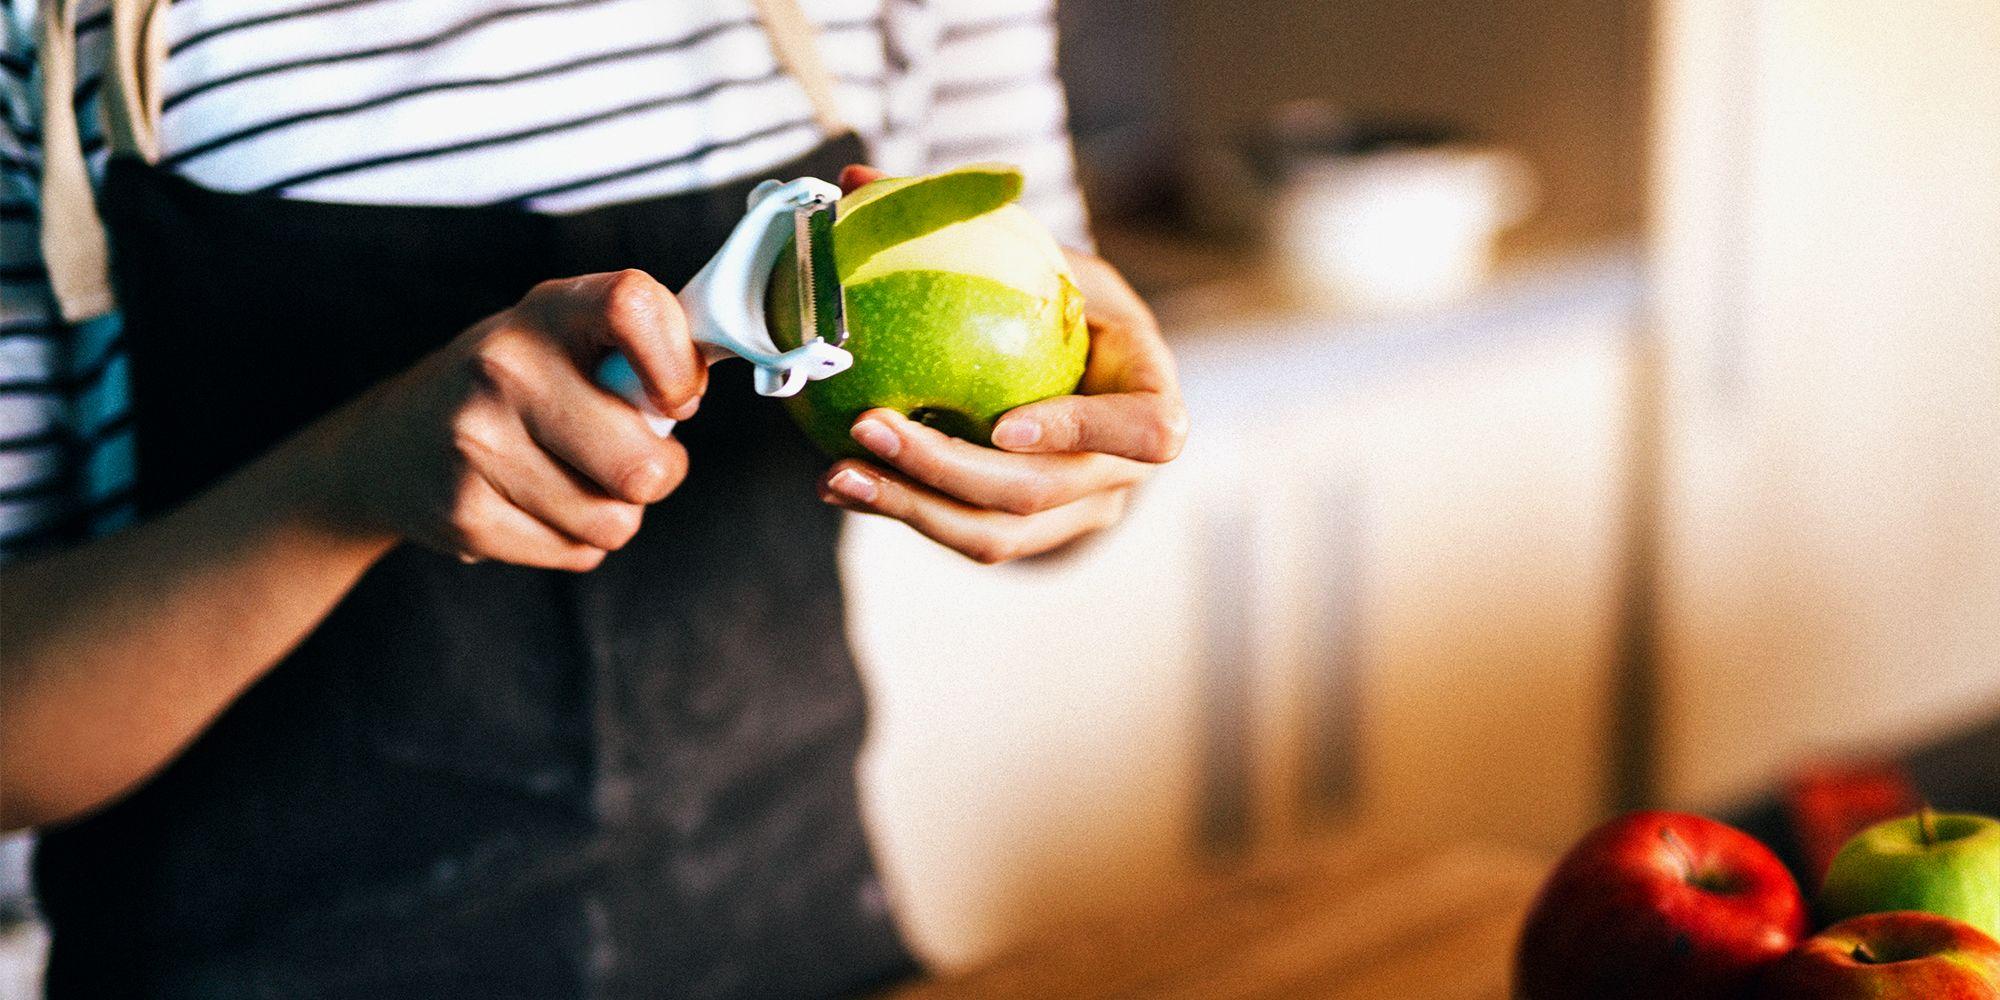 Njima ćete se rješiti makar dijela frustracija: 10 trikovi za pripremu hrane